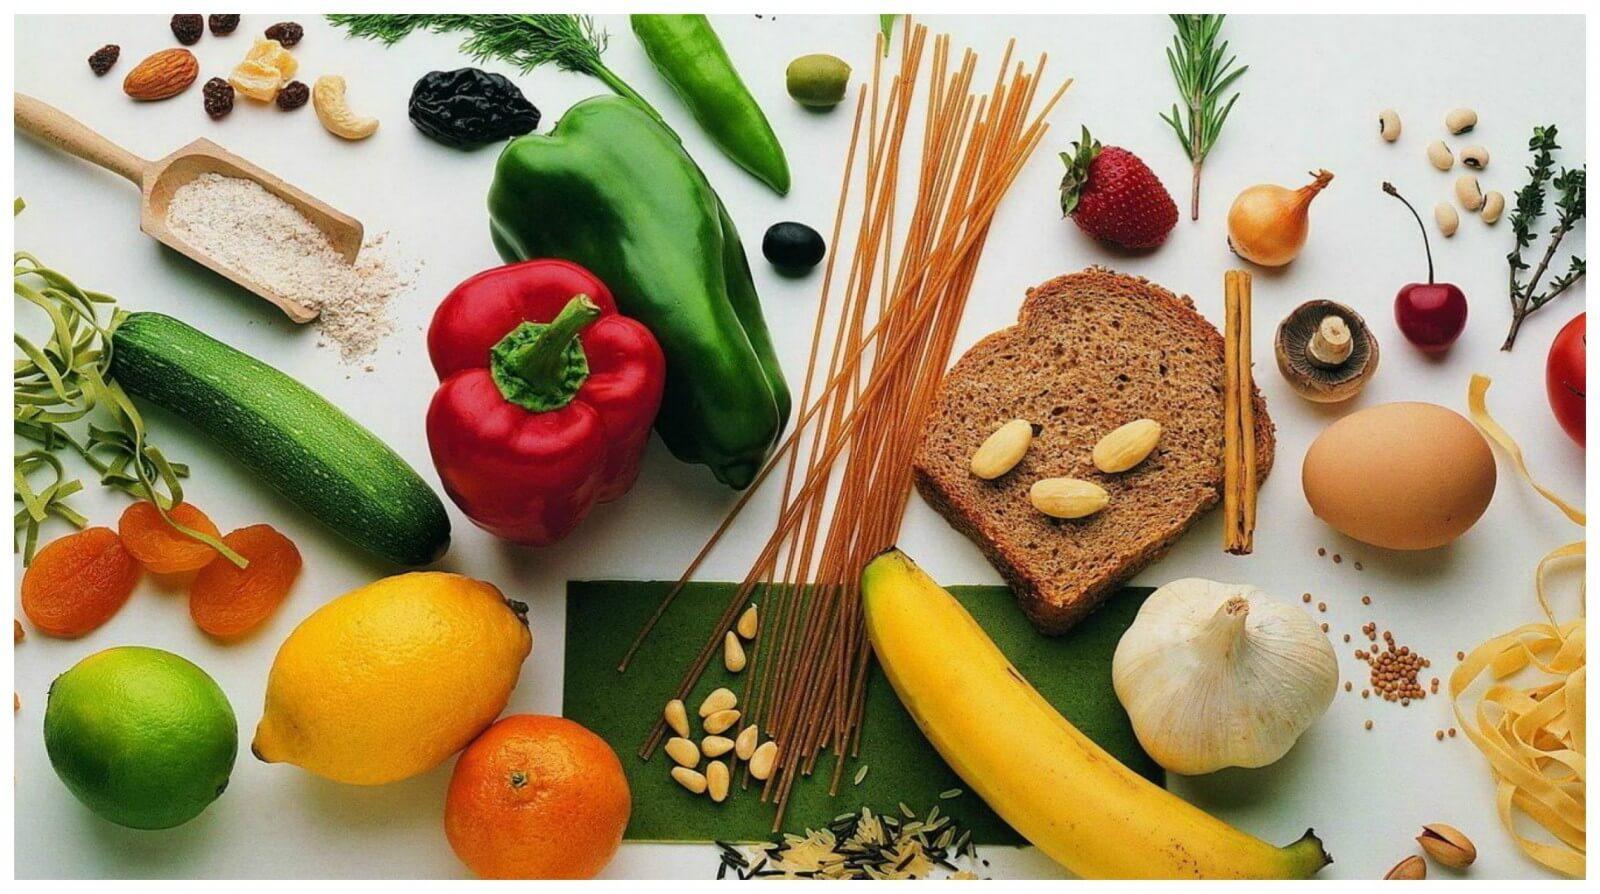 принципы питания маргариты королевой